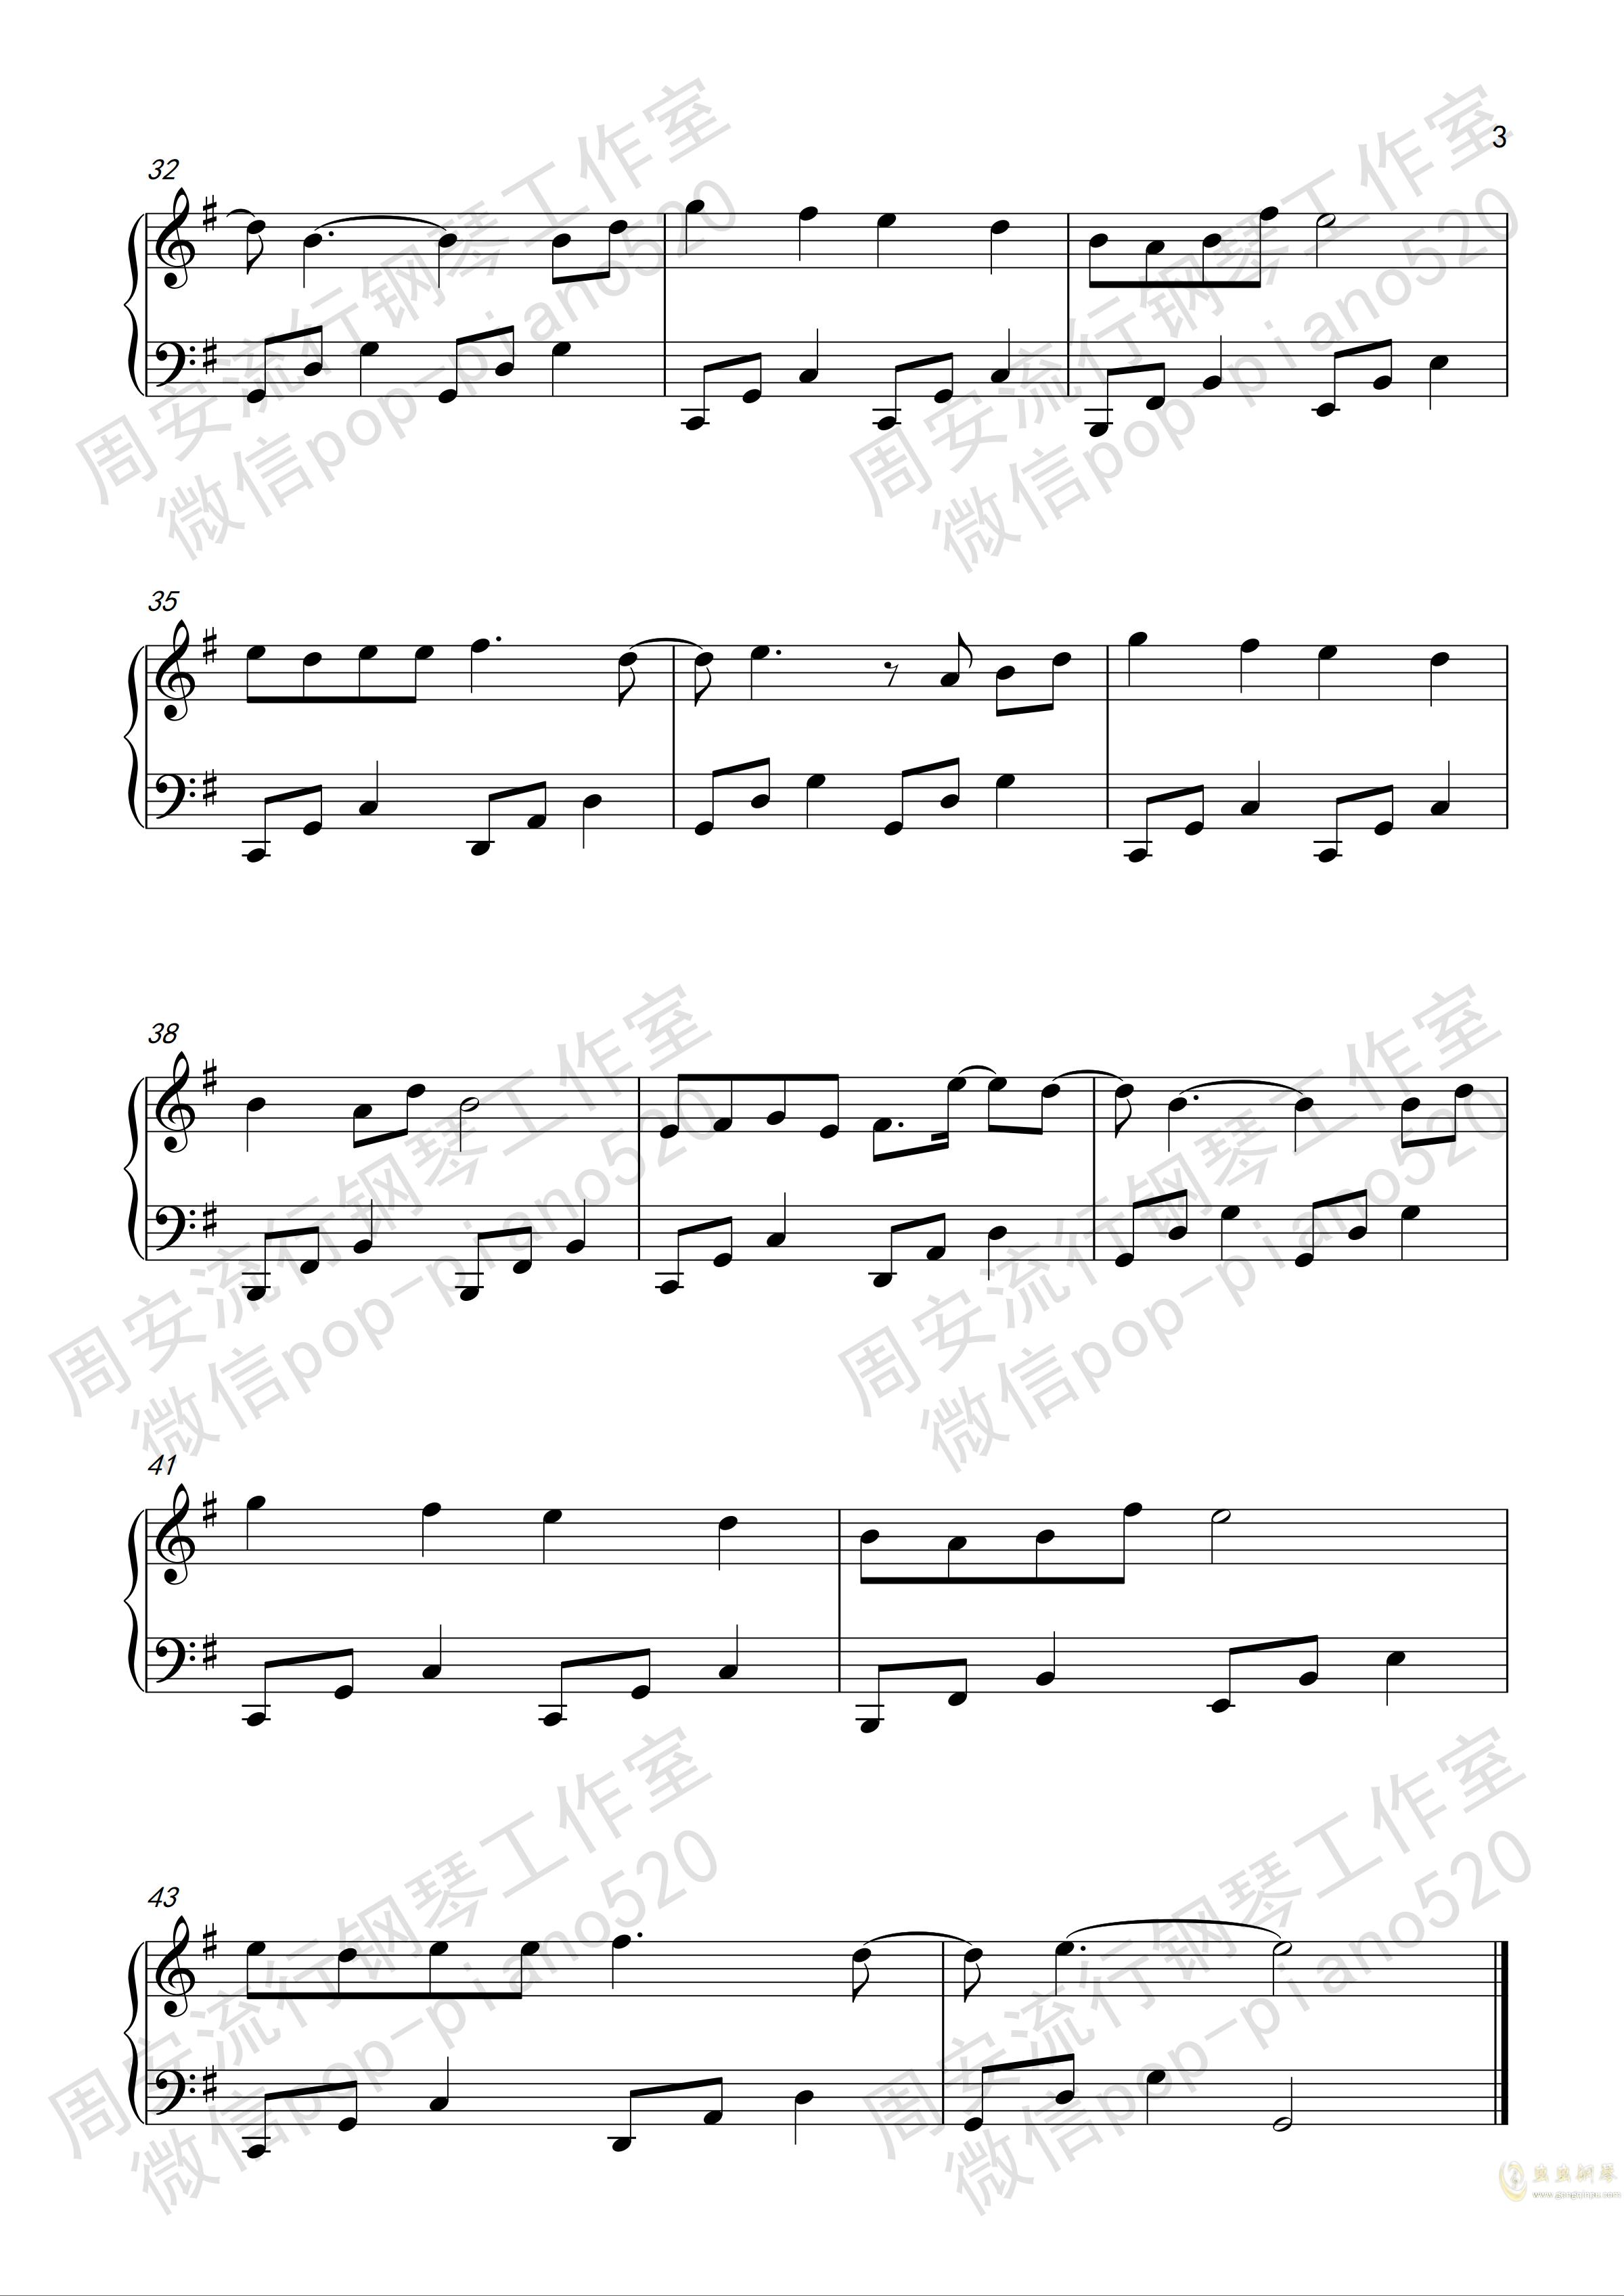 无羁钢琴谱 第3页